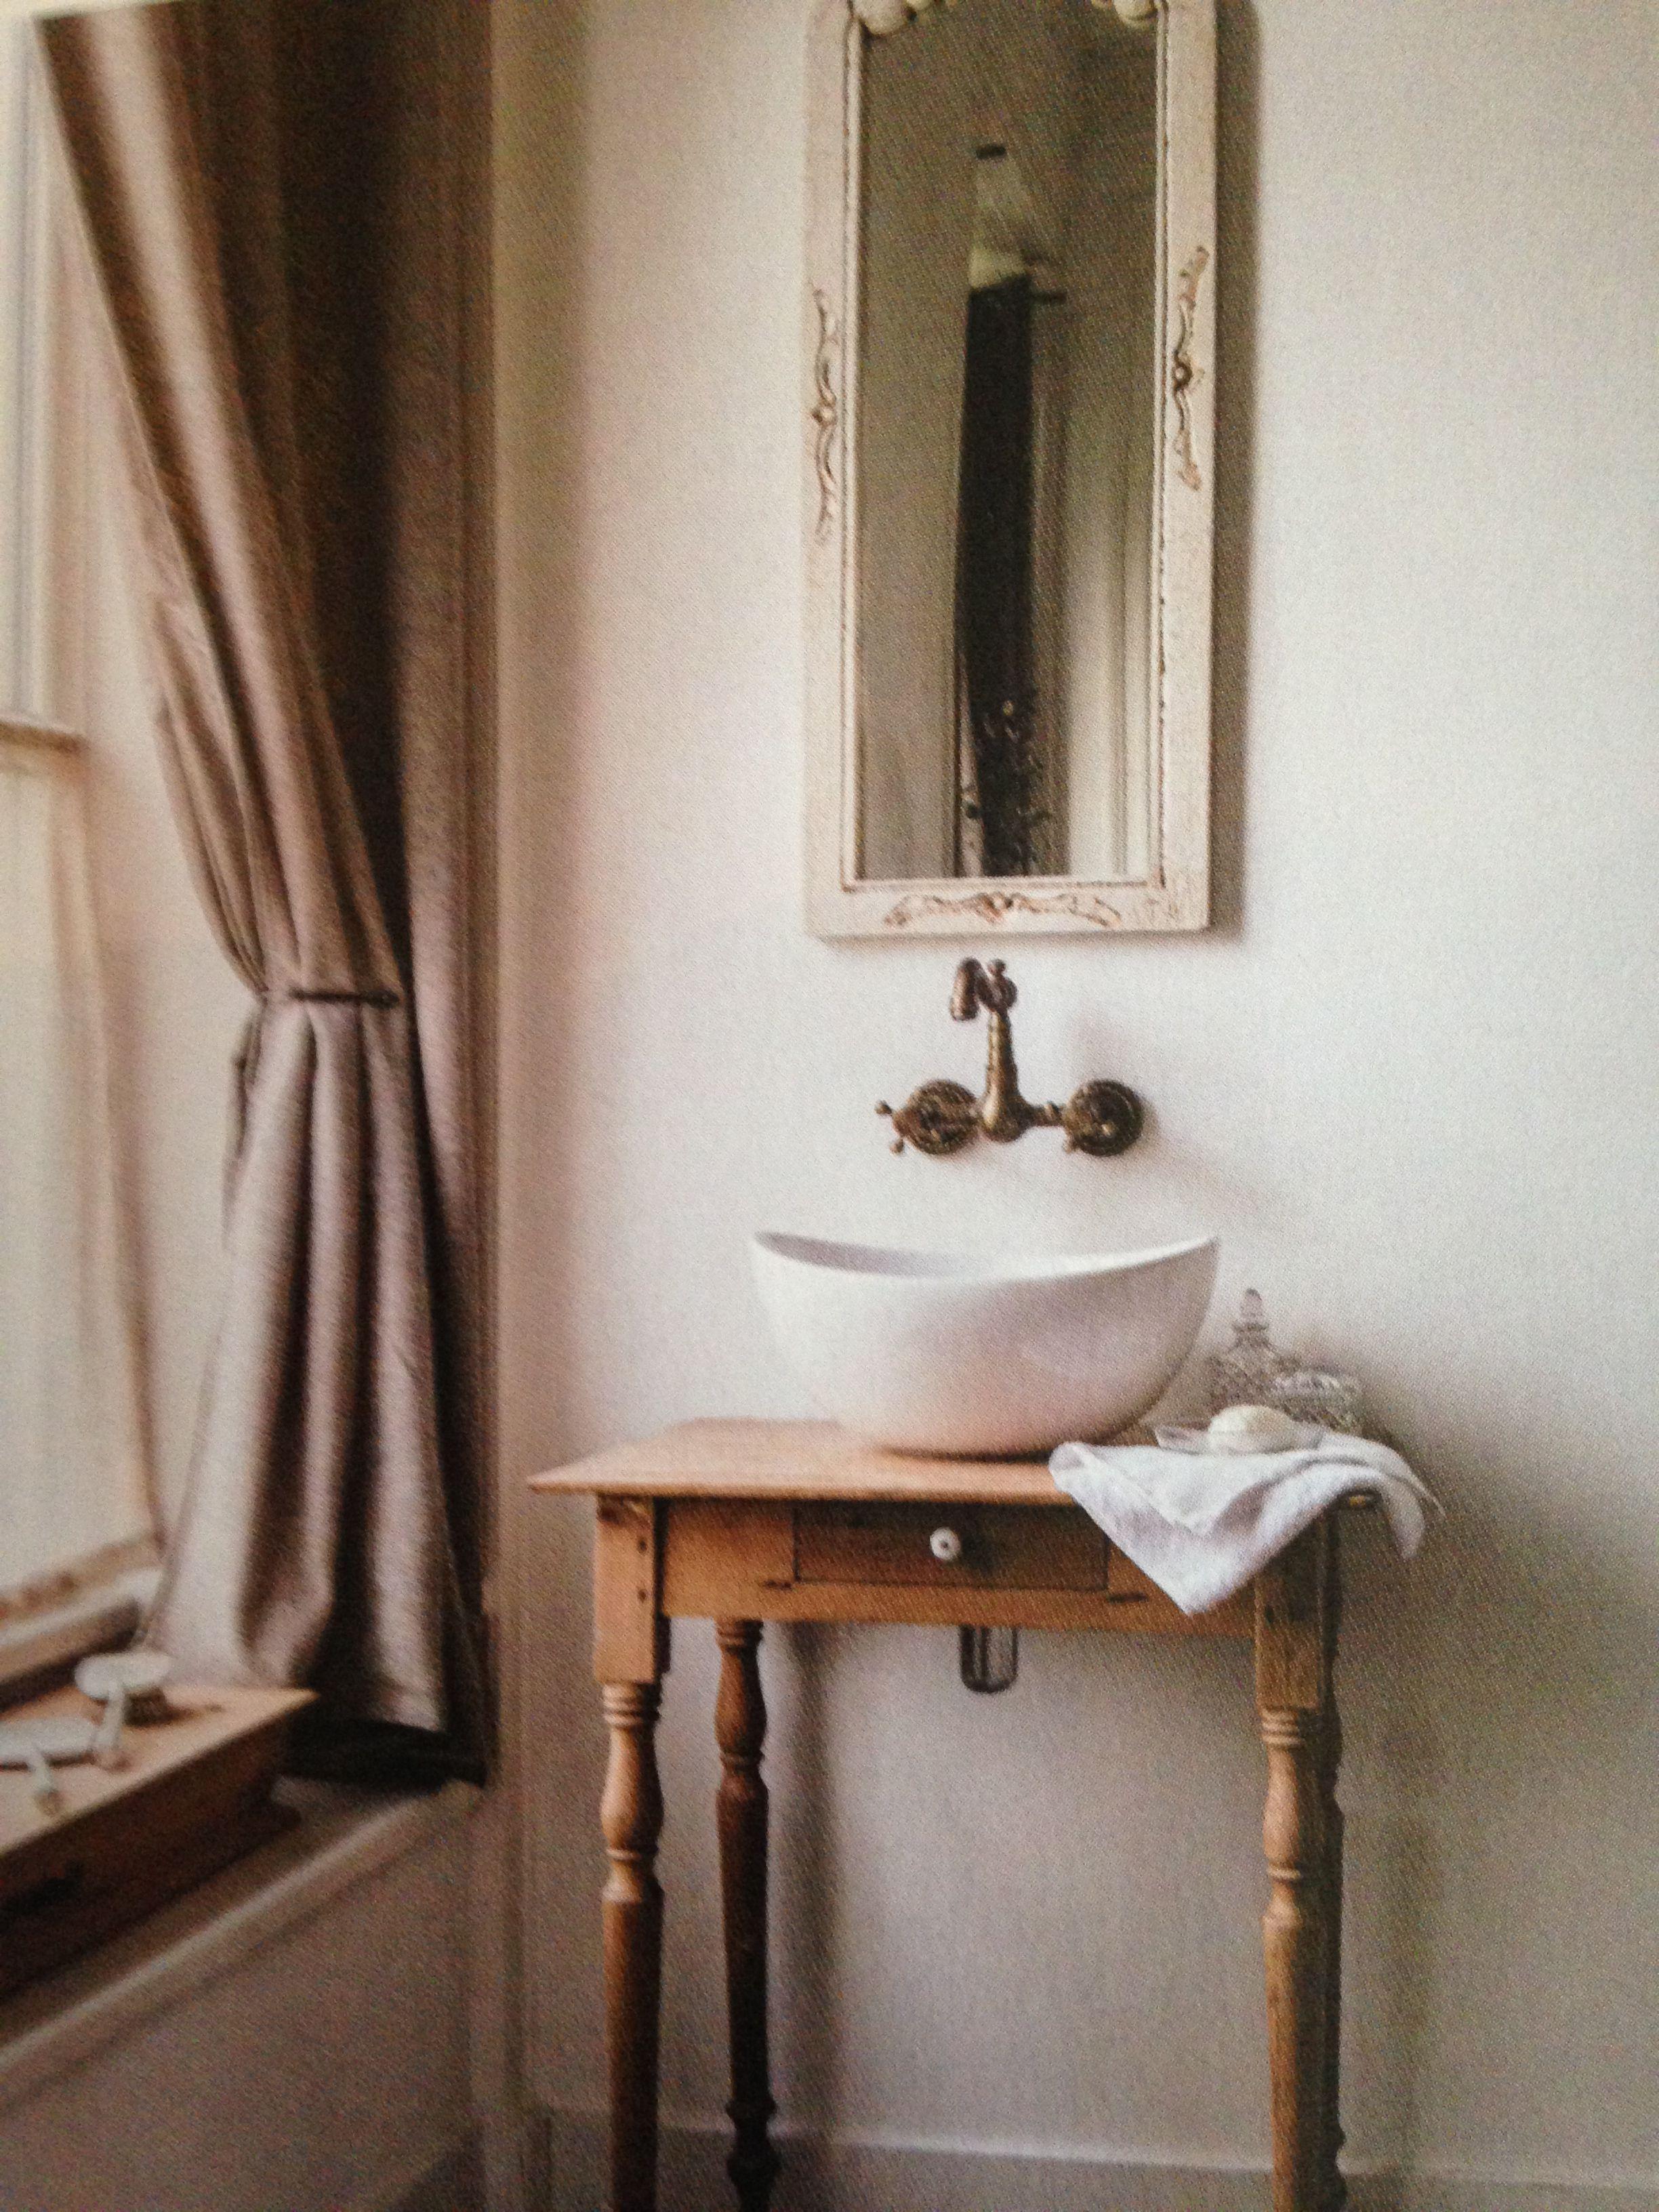 Favoriete Wasbak op slaapkamer | Slaapkamer - Bathroom, Bedroom inspo en US21